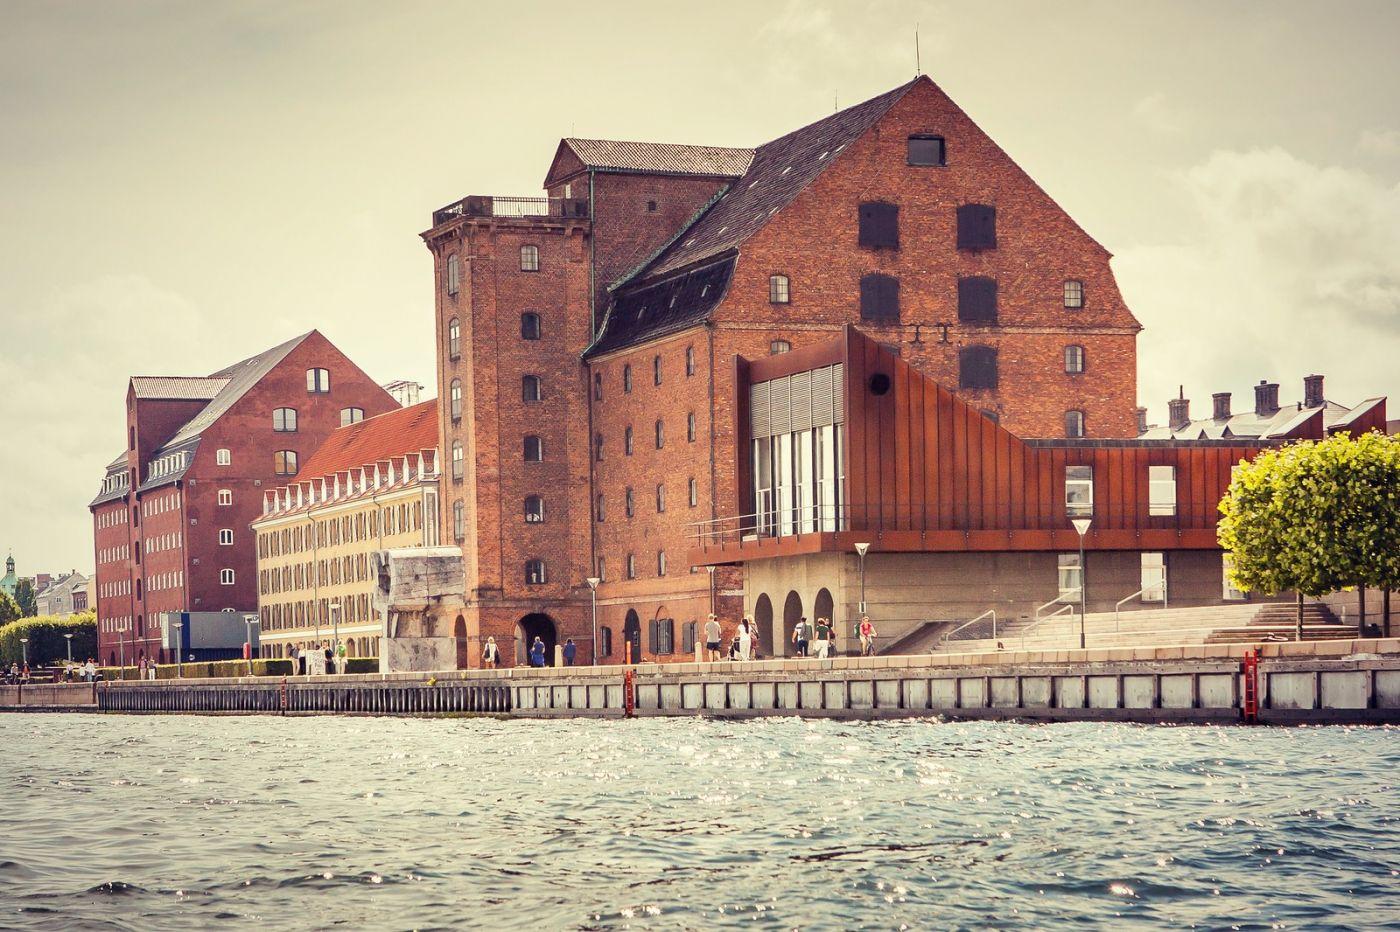 丹麦哥本哈根,新旧融合的城市_图1-22